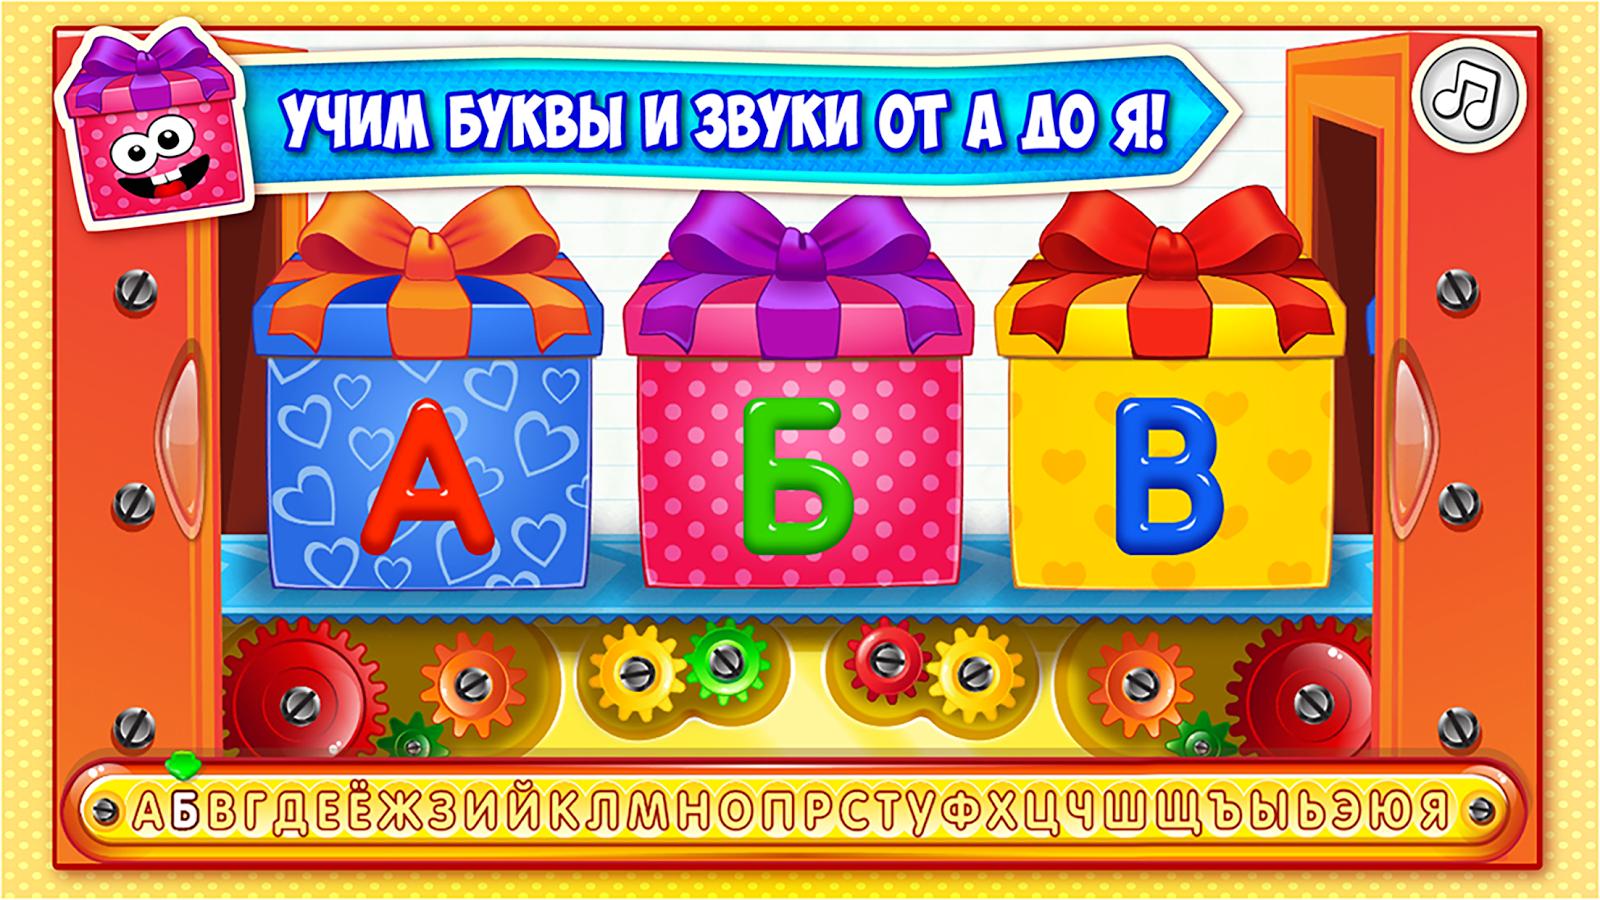 Азбука в песенках, игры, пазлы for Android - APK …